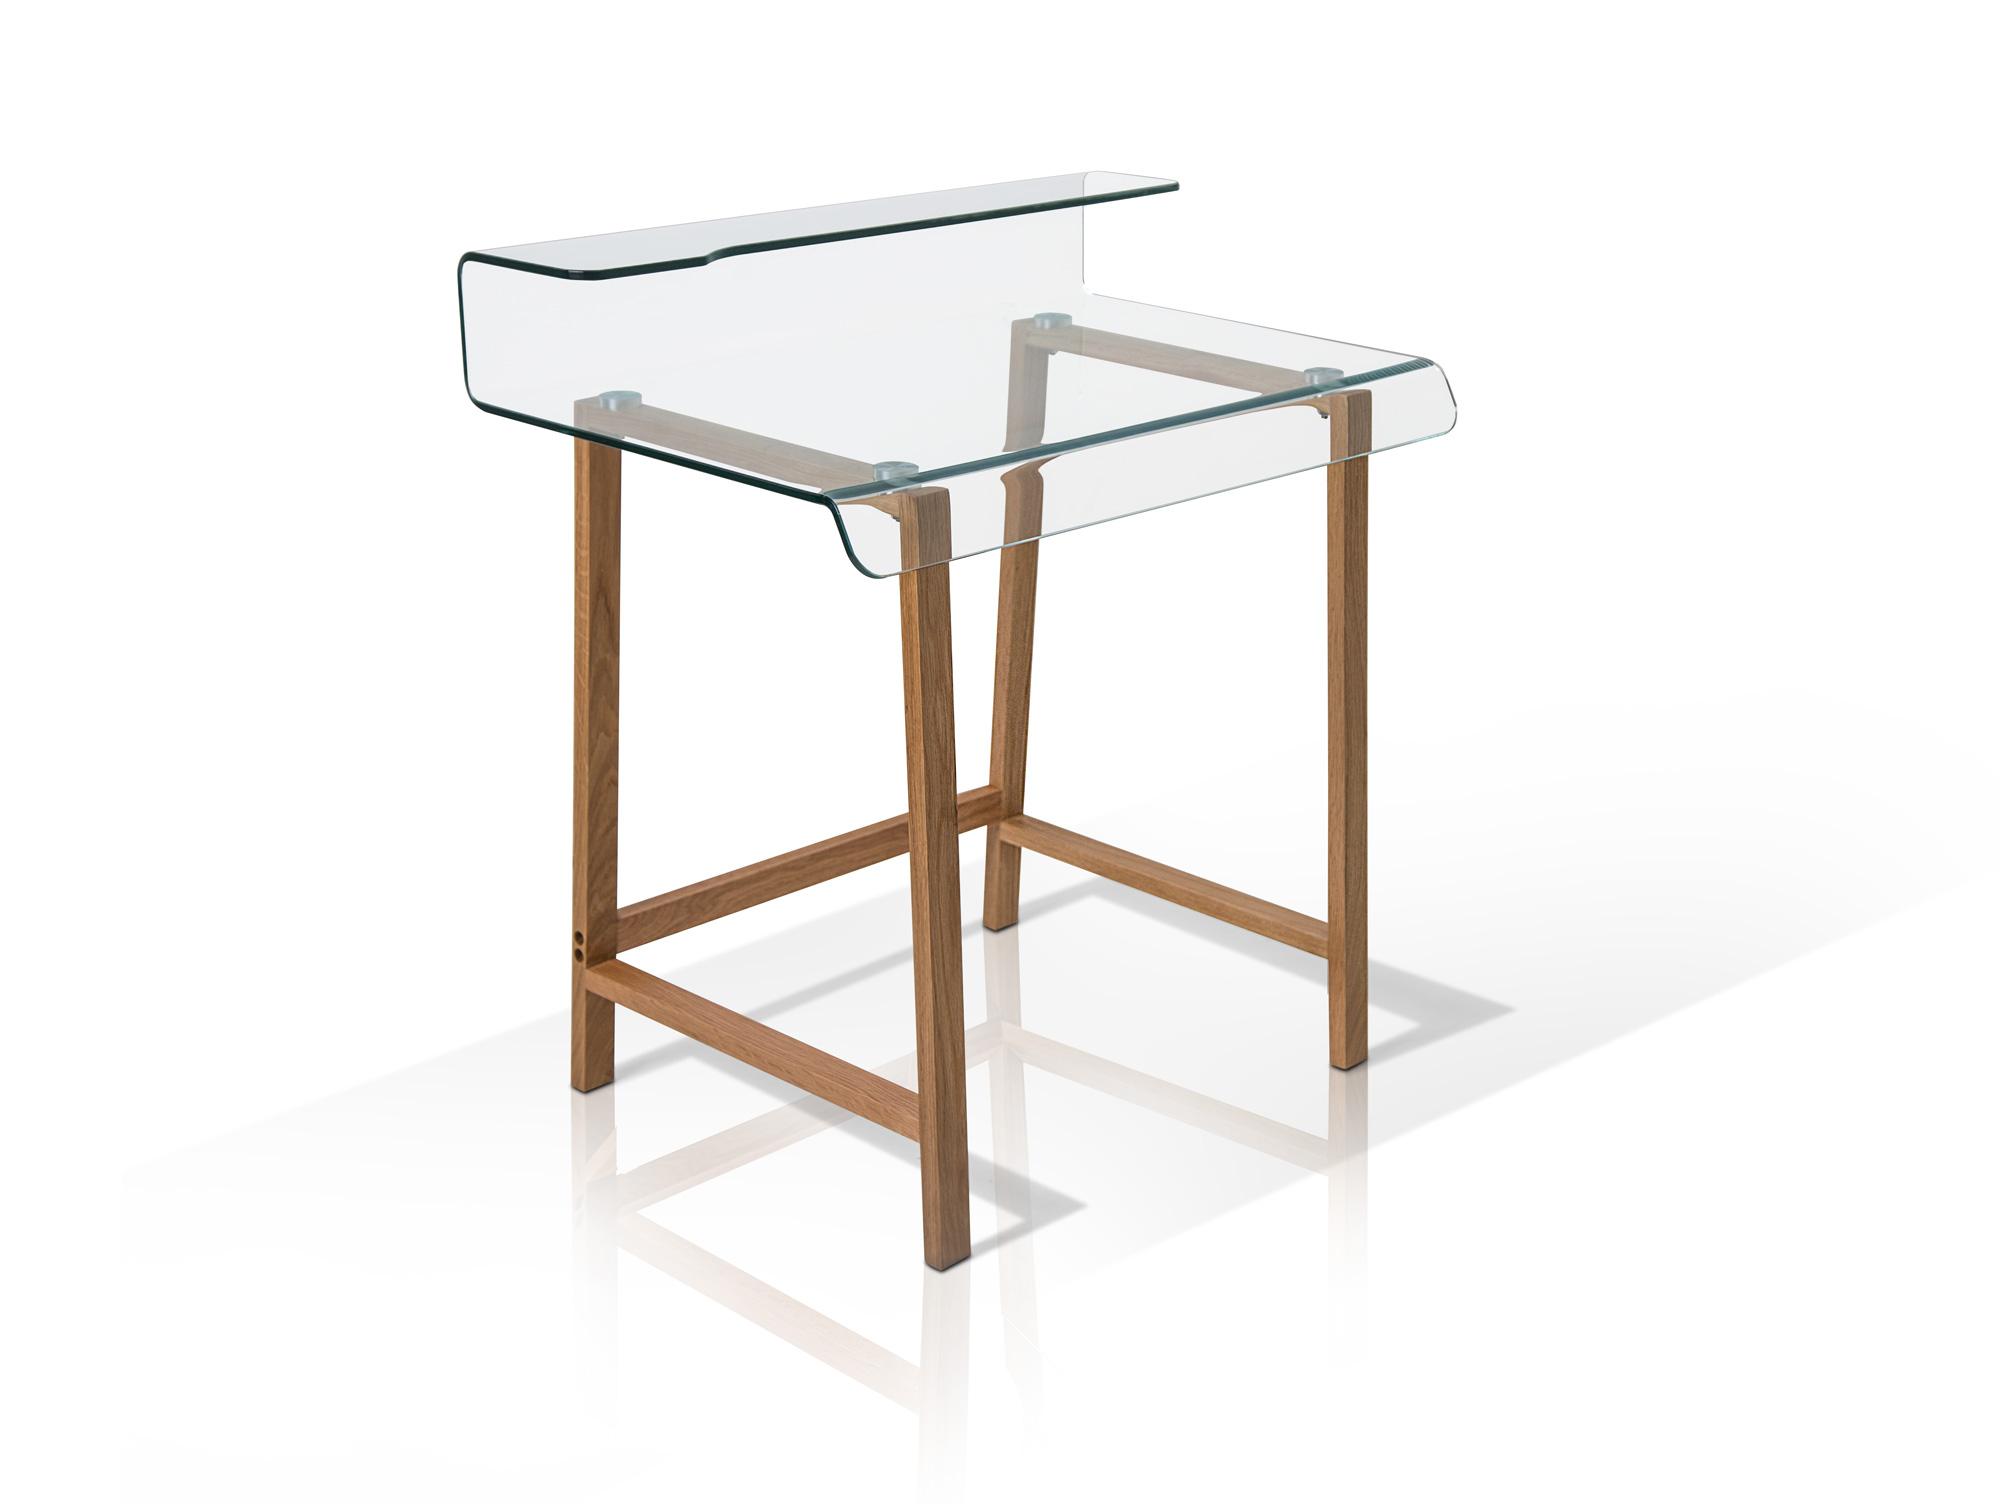 Millar schreibtisch design klar glas 85x55 computertisch for Schreibtisch holz glas